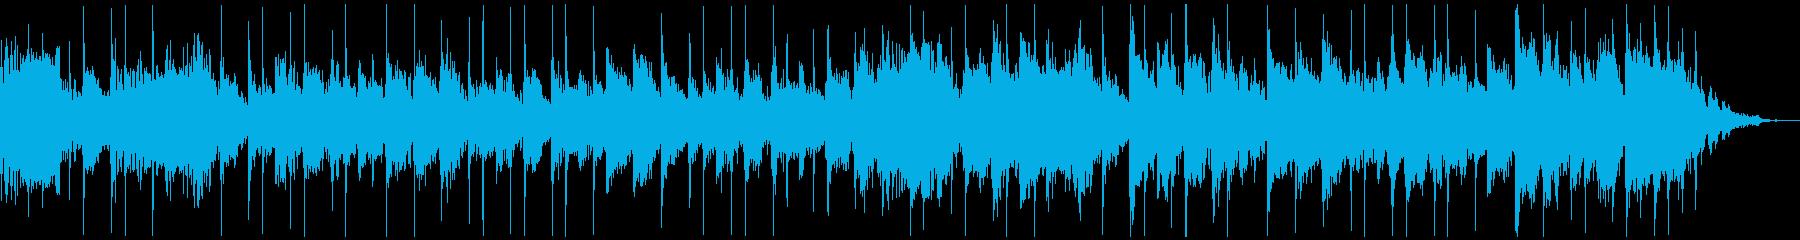 【CM】クールなギターのBGM・1の再生済みの波形